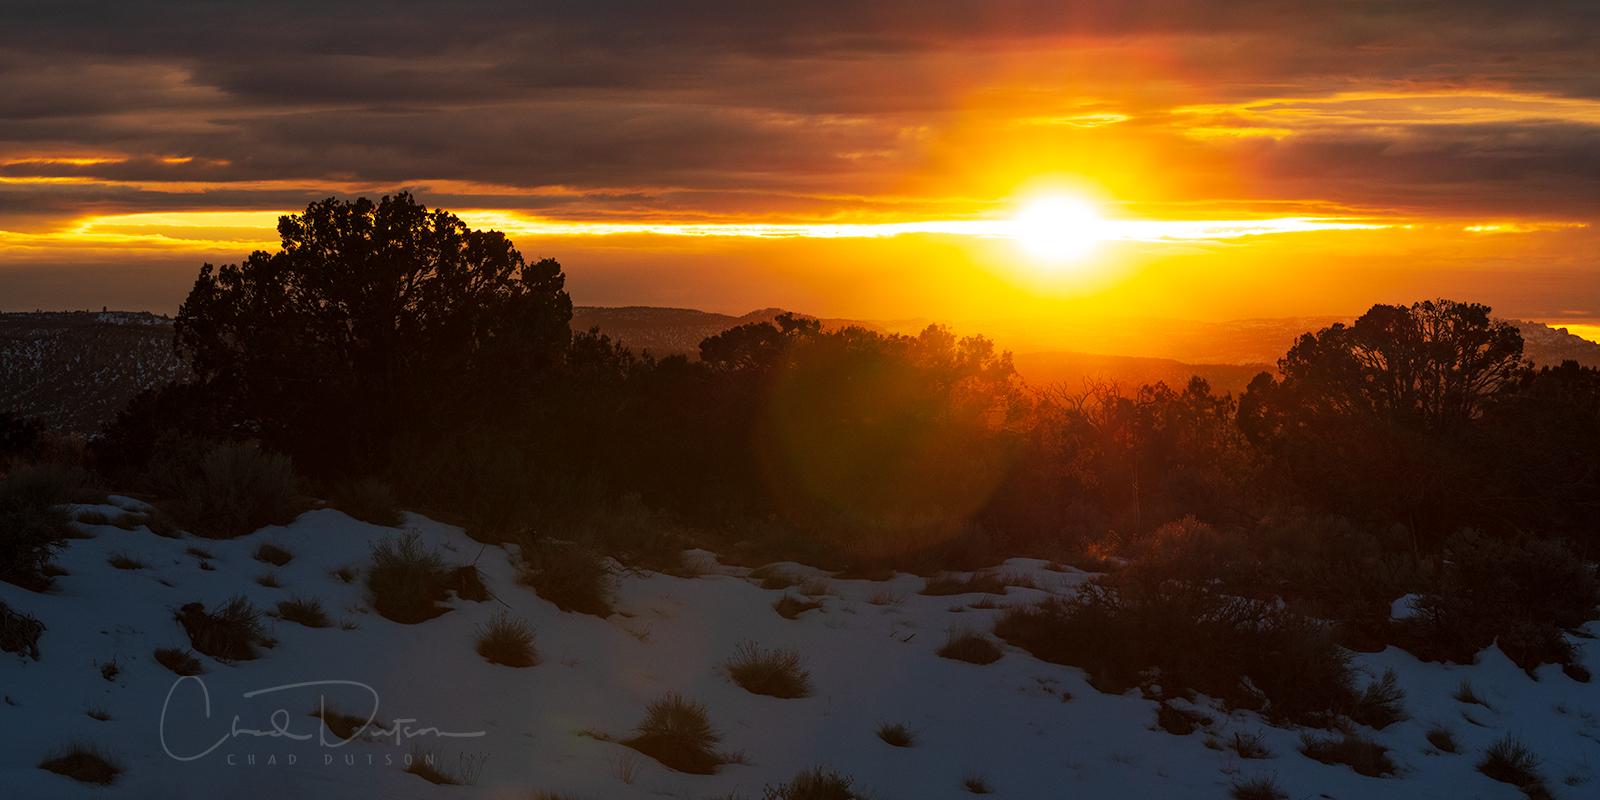 Sunset captured near Kanab, Utah